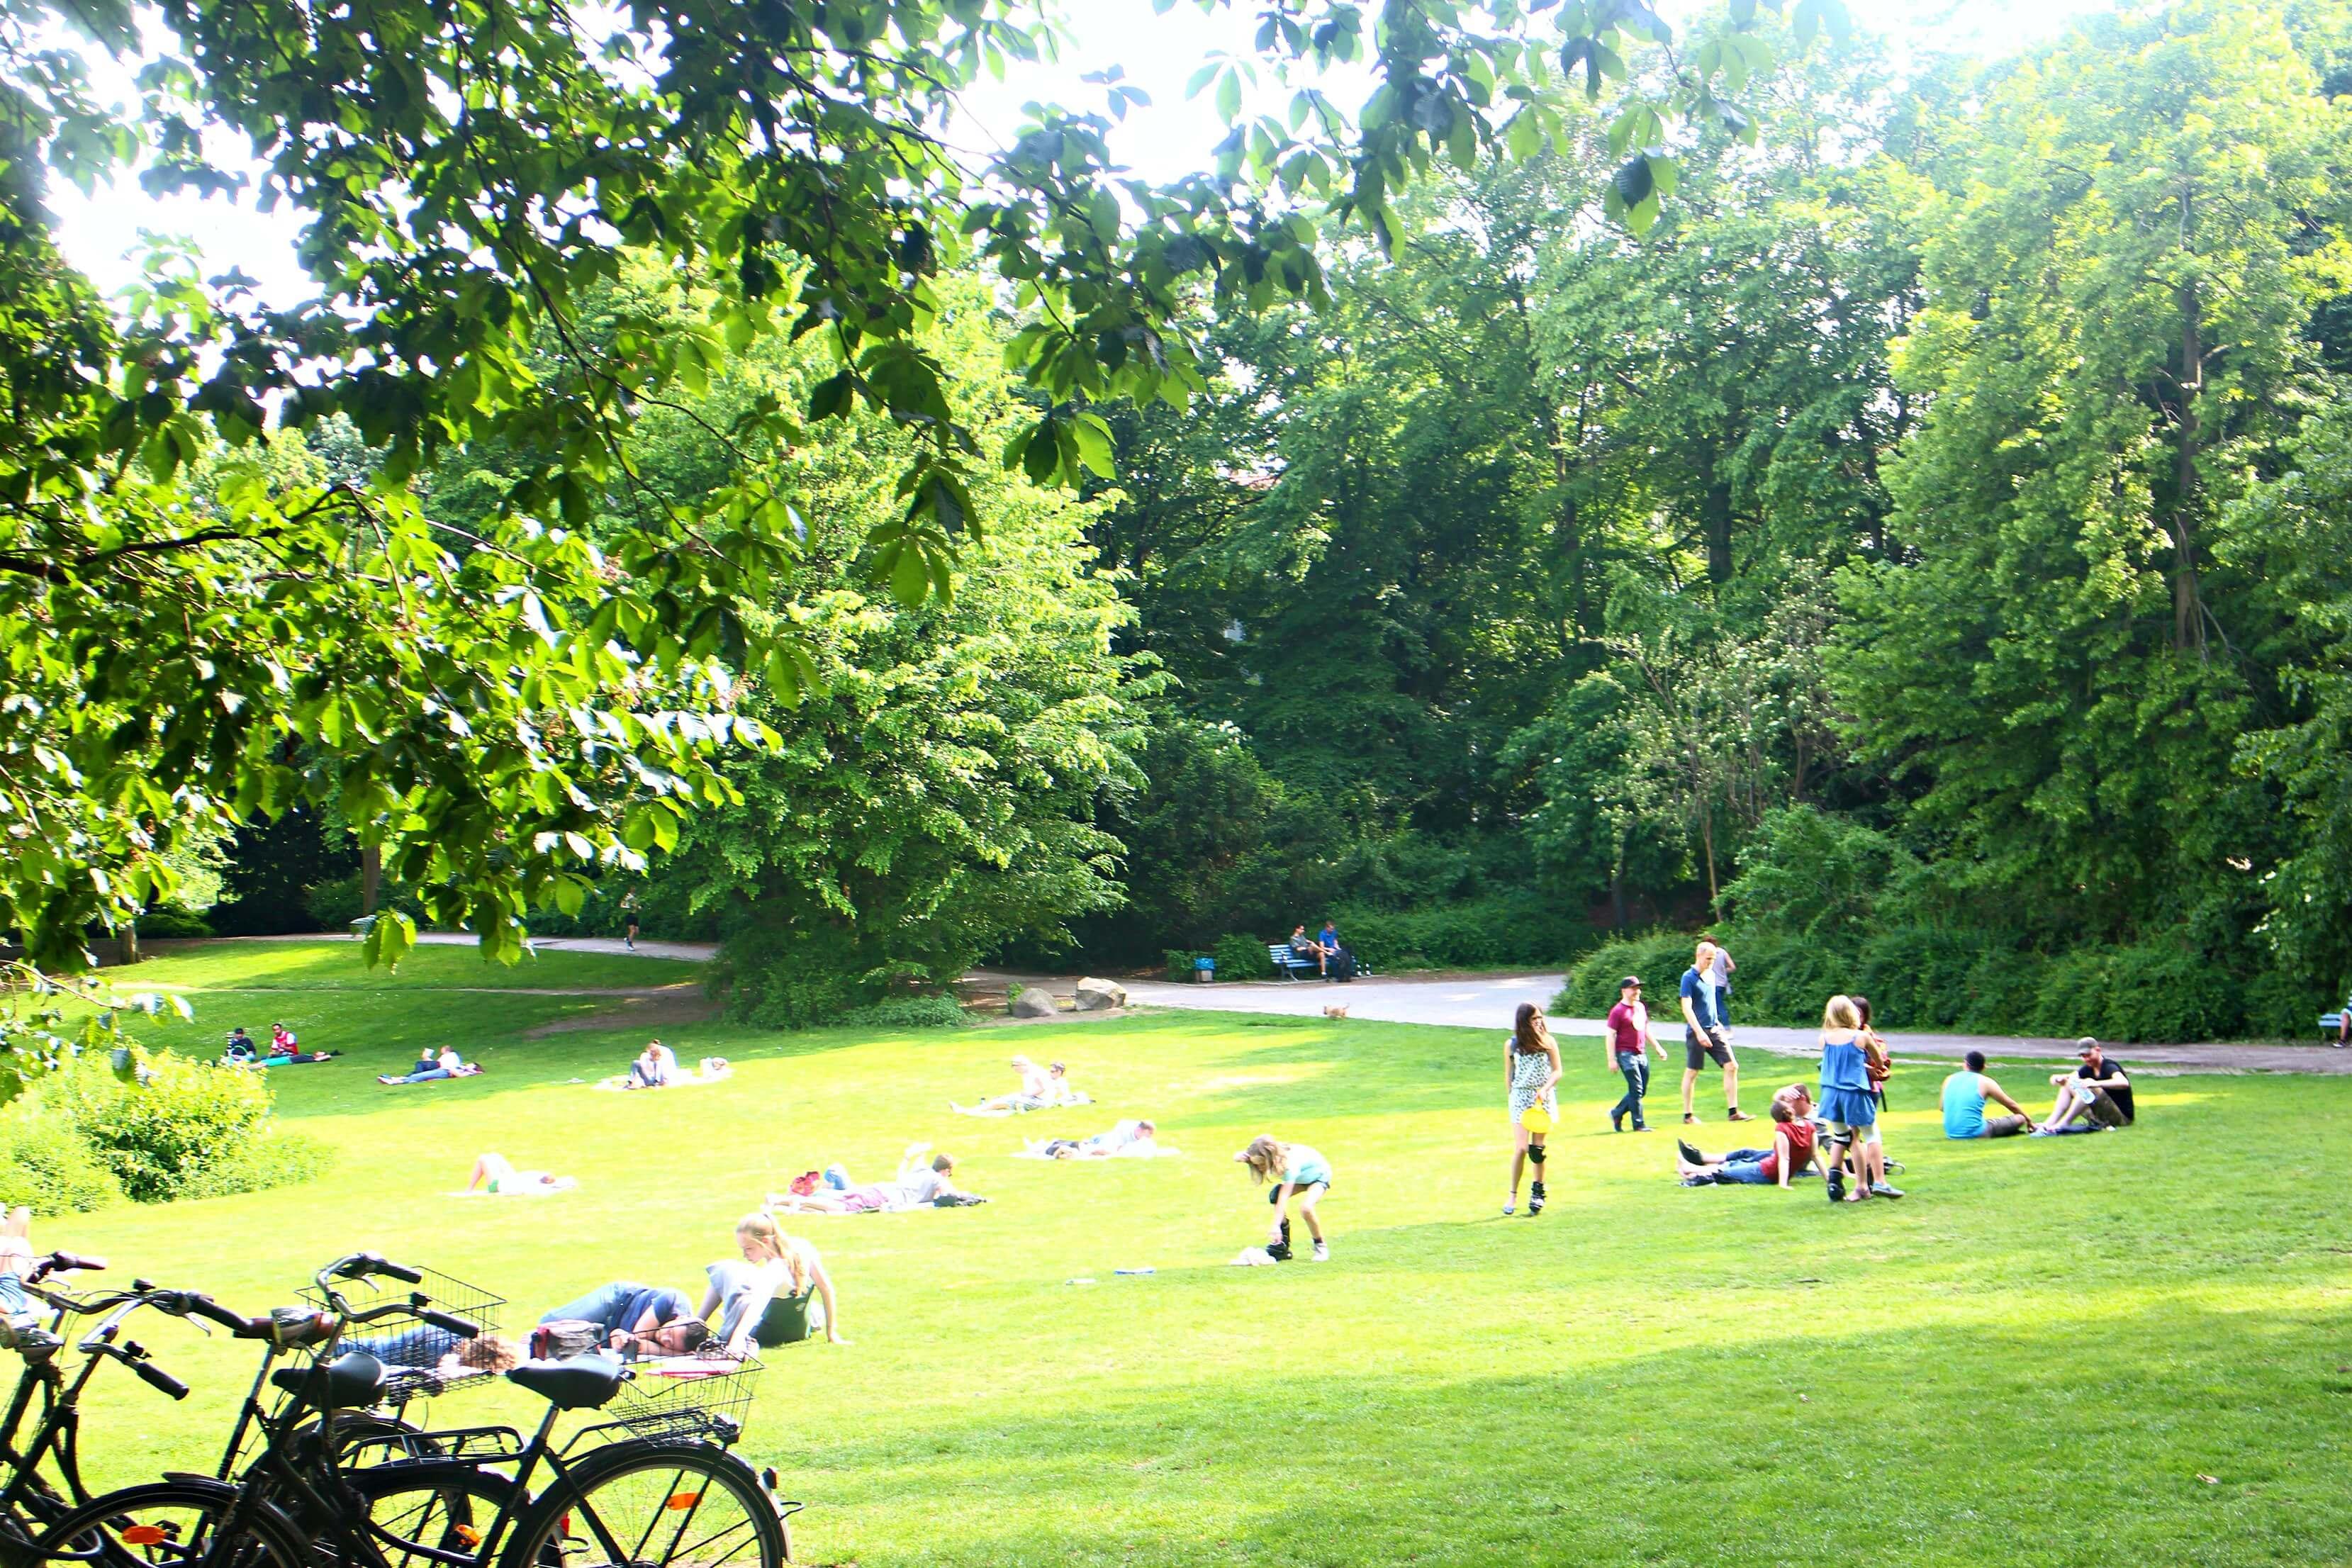 park-volkspark-wilmersdorf-berlijn